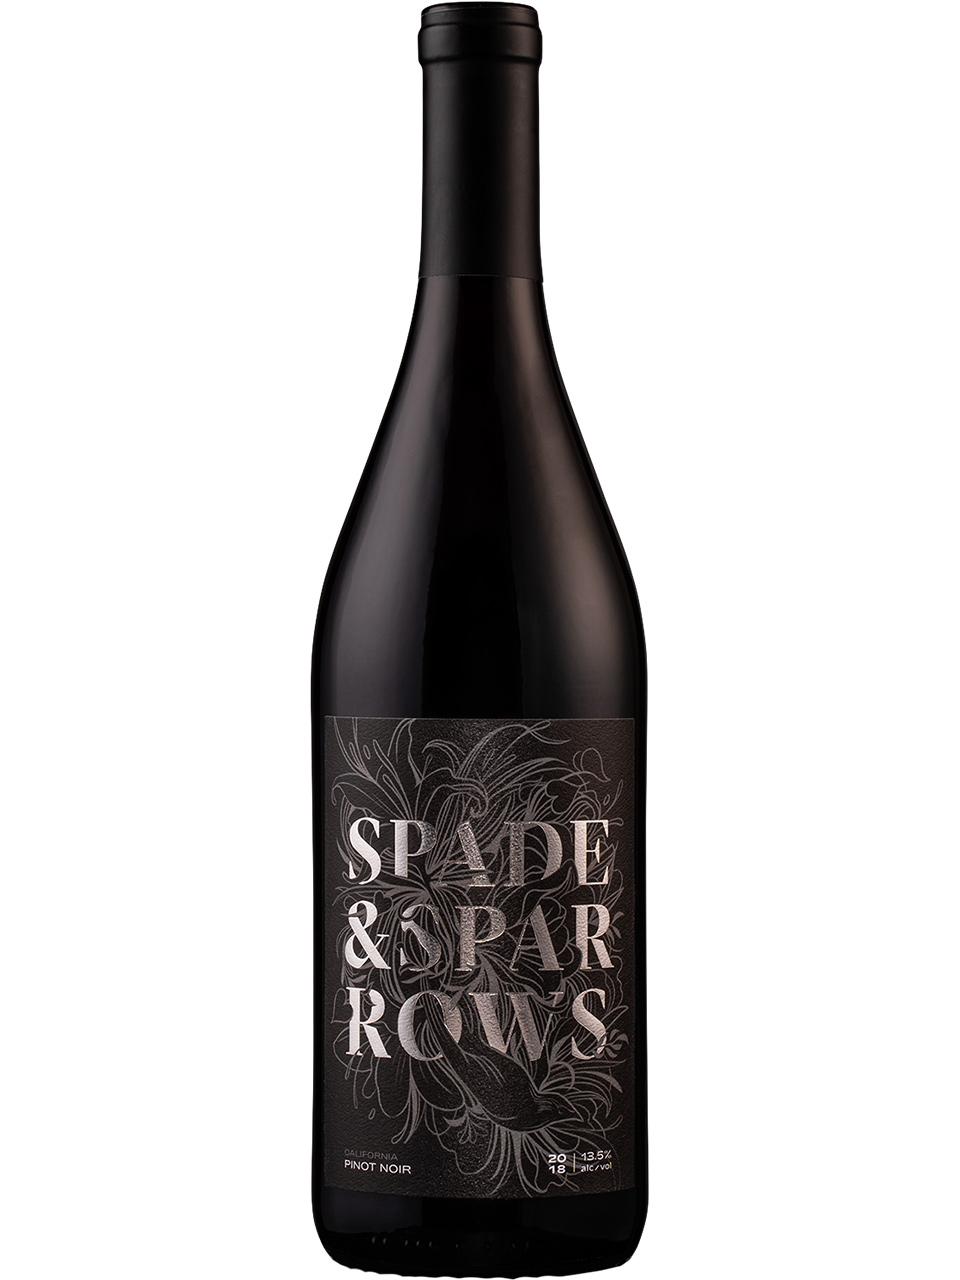 Spade & Sparrows Pinot Noir